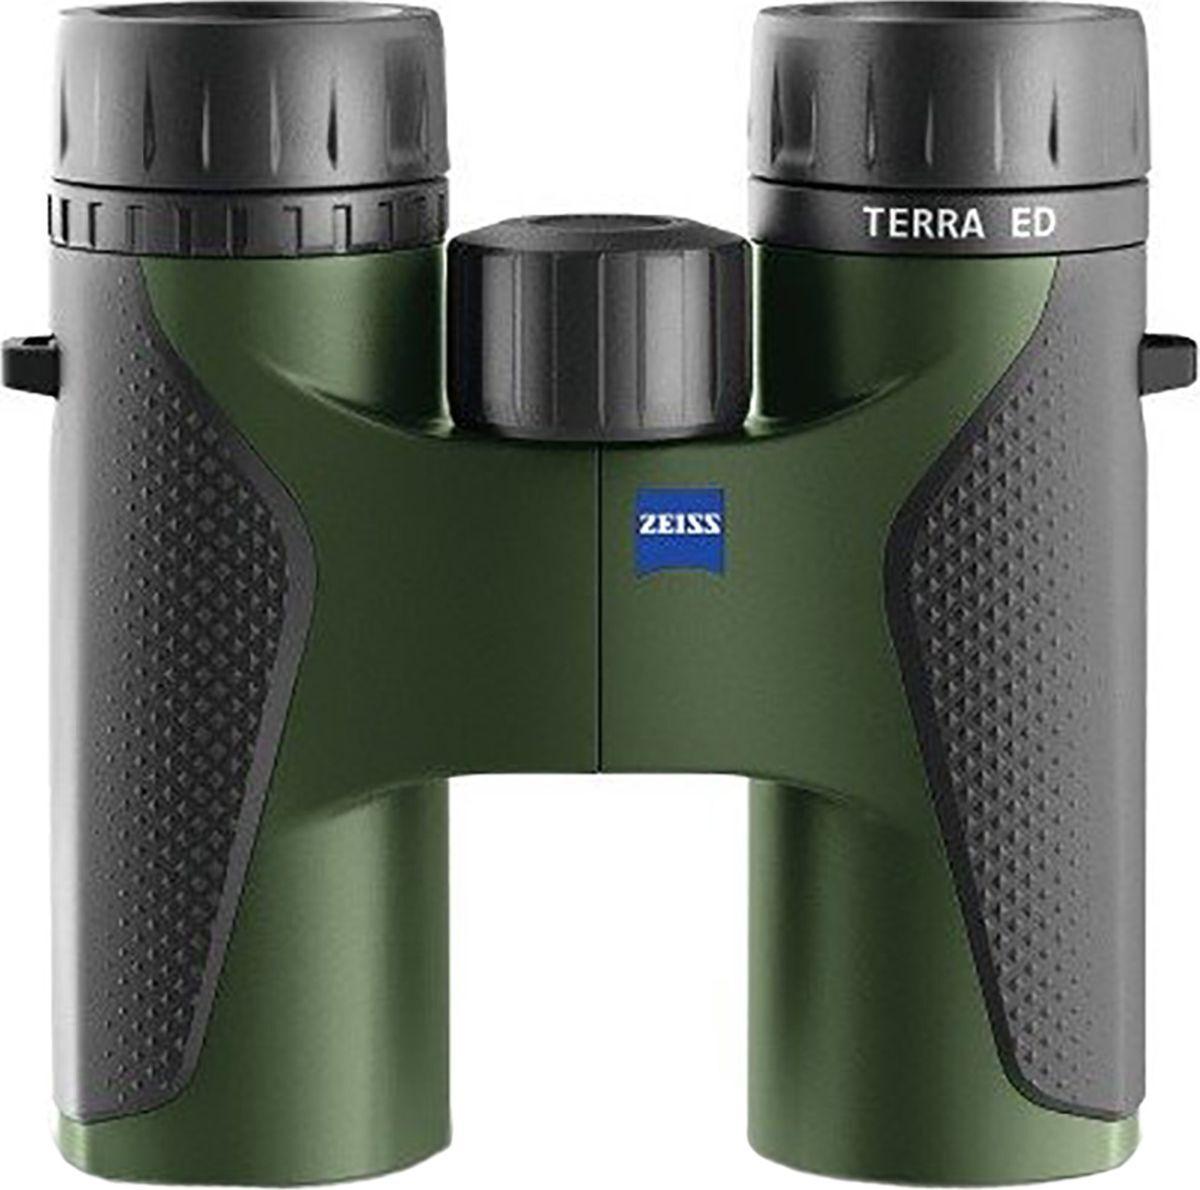 Бинокль Zeiss Terra Ed 10x32, черный, зеленый